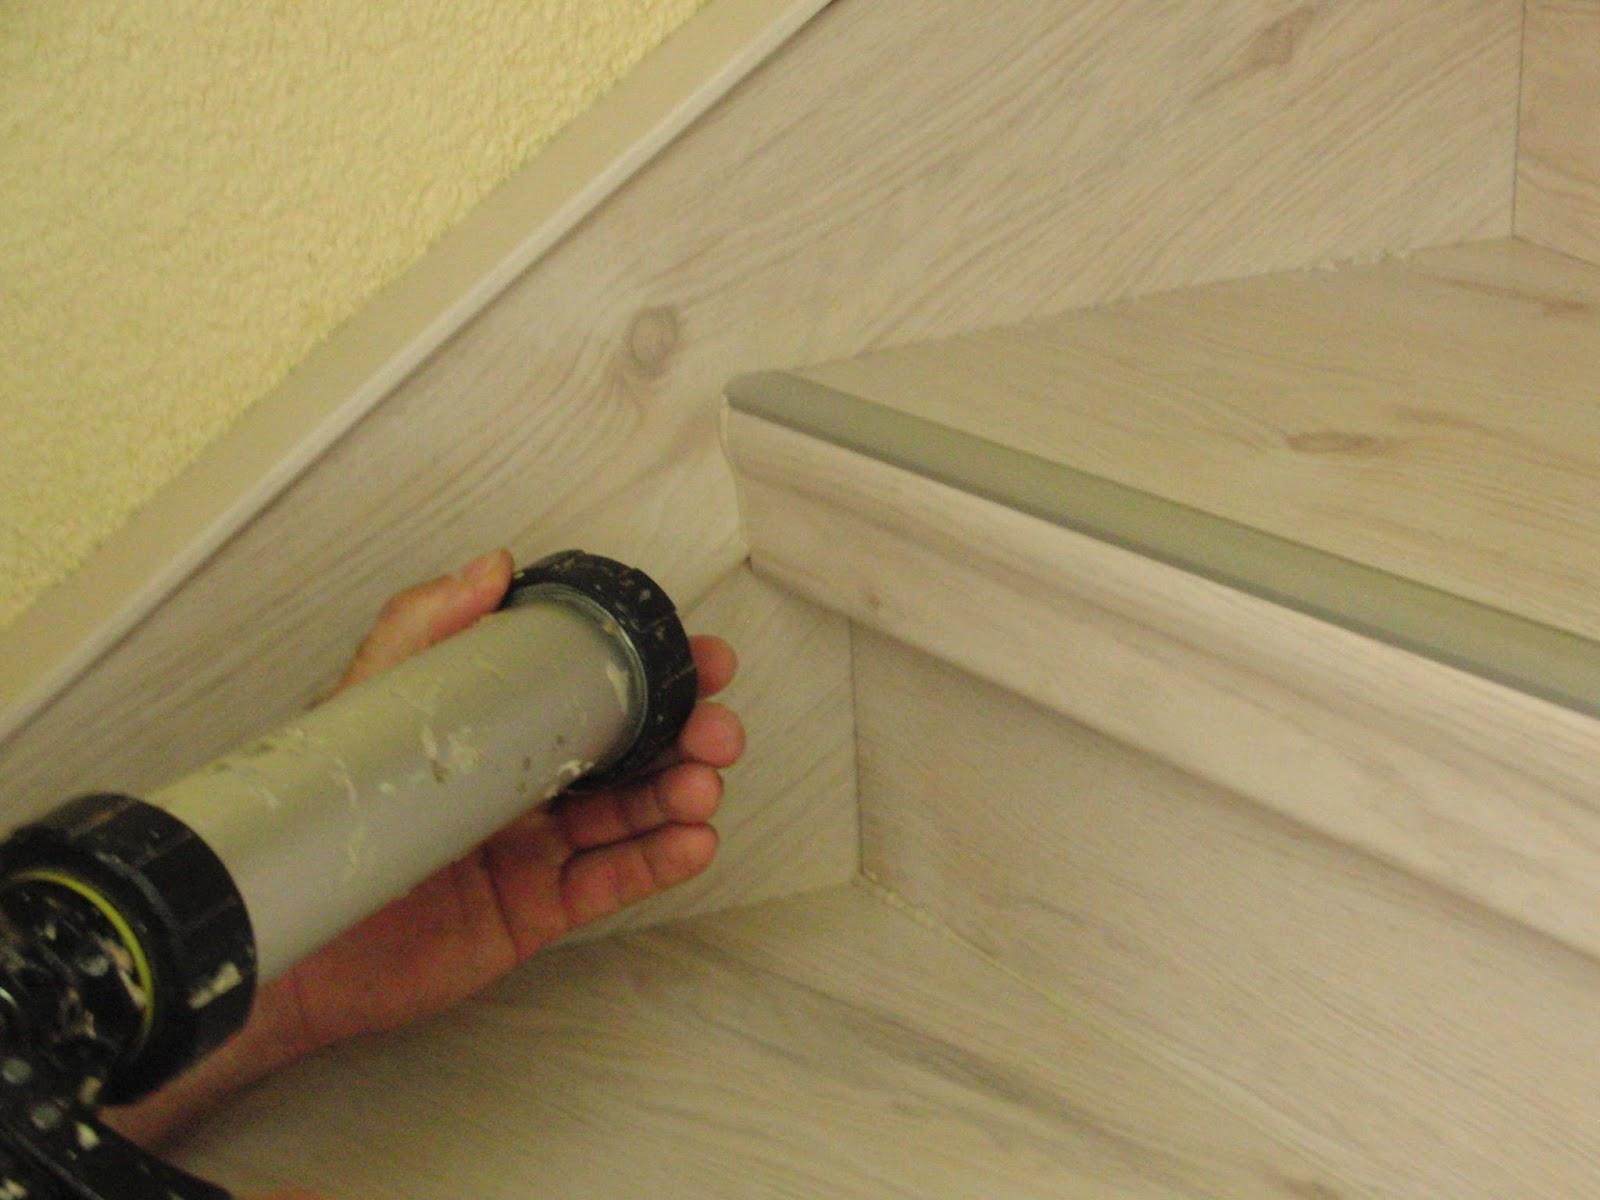 h k treppenrenovierung treppenrenovierung mit dem richtigen werkzeug leicht gemacht. Black Bedroom Furniture Sets. Home Design Ideas